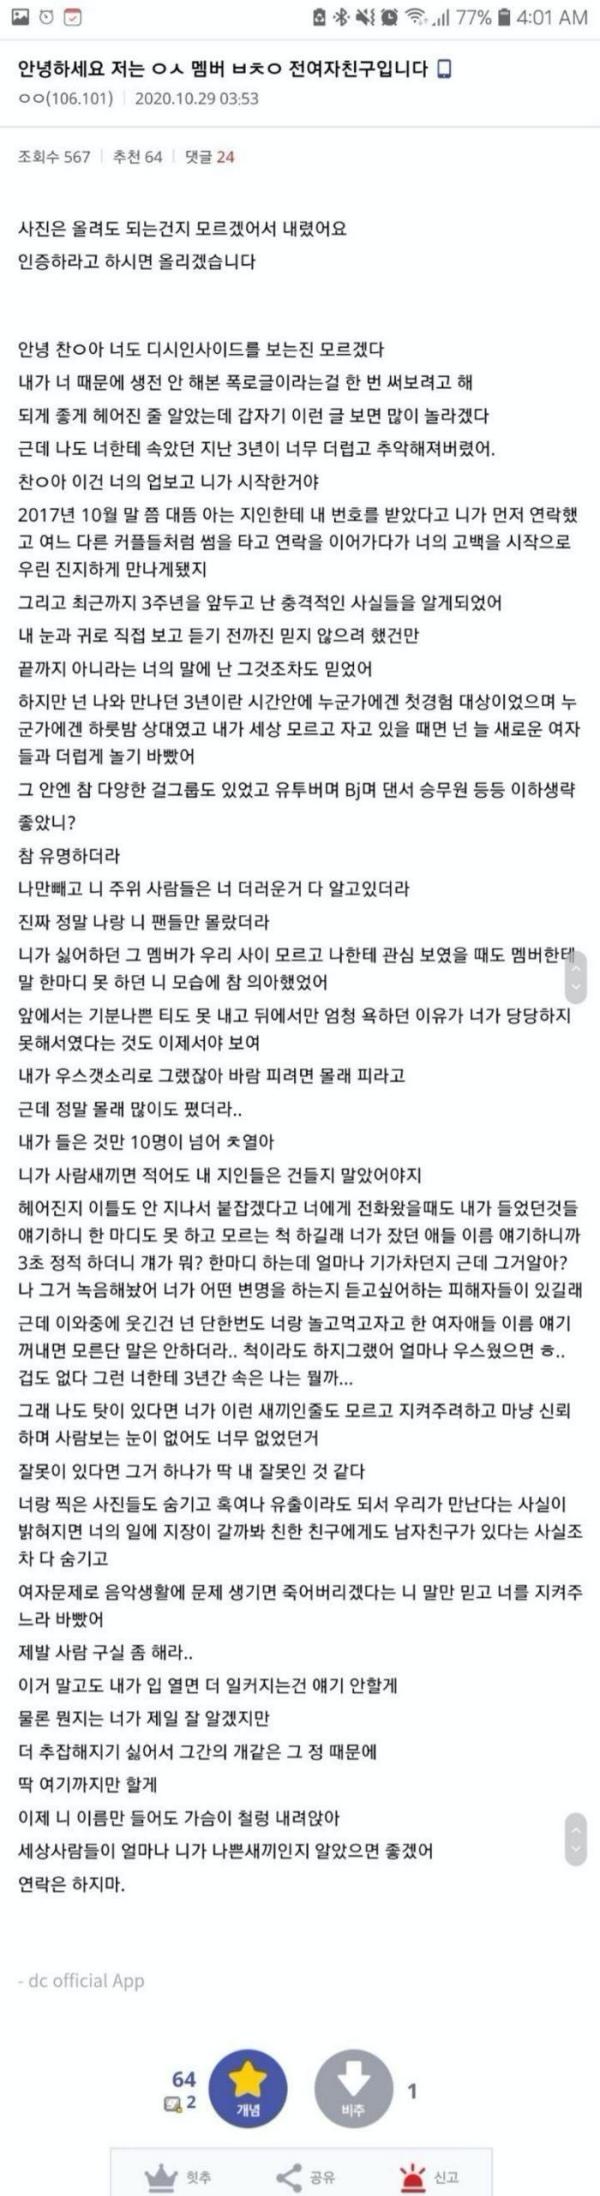 Bài đăng của cô gái tự xưng 'bạn gái cũ của Chanyeo' được đăng lên 1 diễn đàn trực tuyến vào lúc nửa đêm và xóa ngay sau khi thông tin được chia sẻ 1 cách chóng mặt trên mạng xã hội